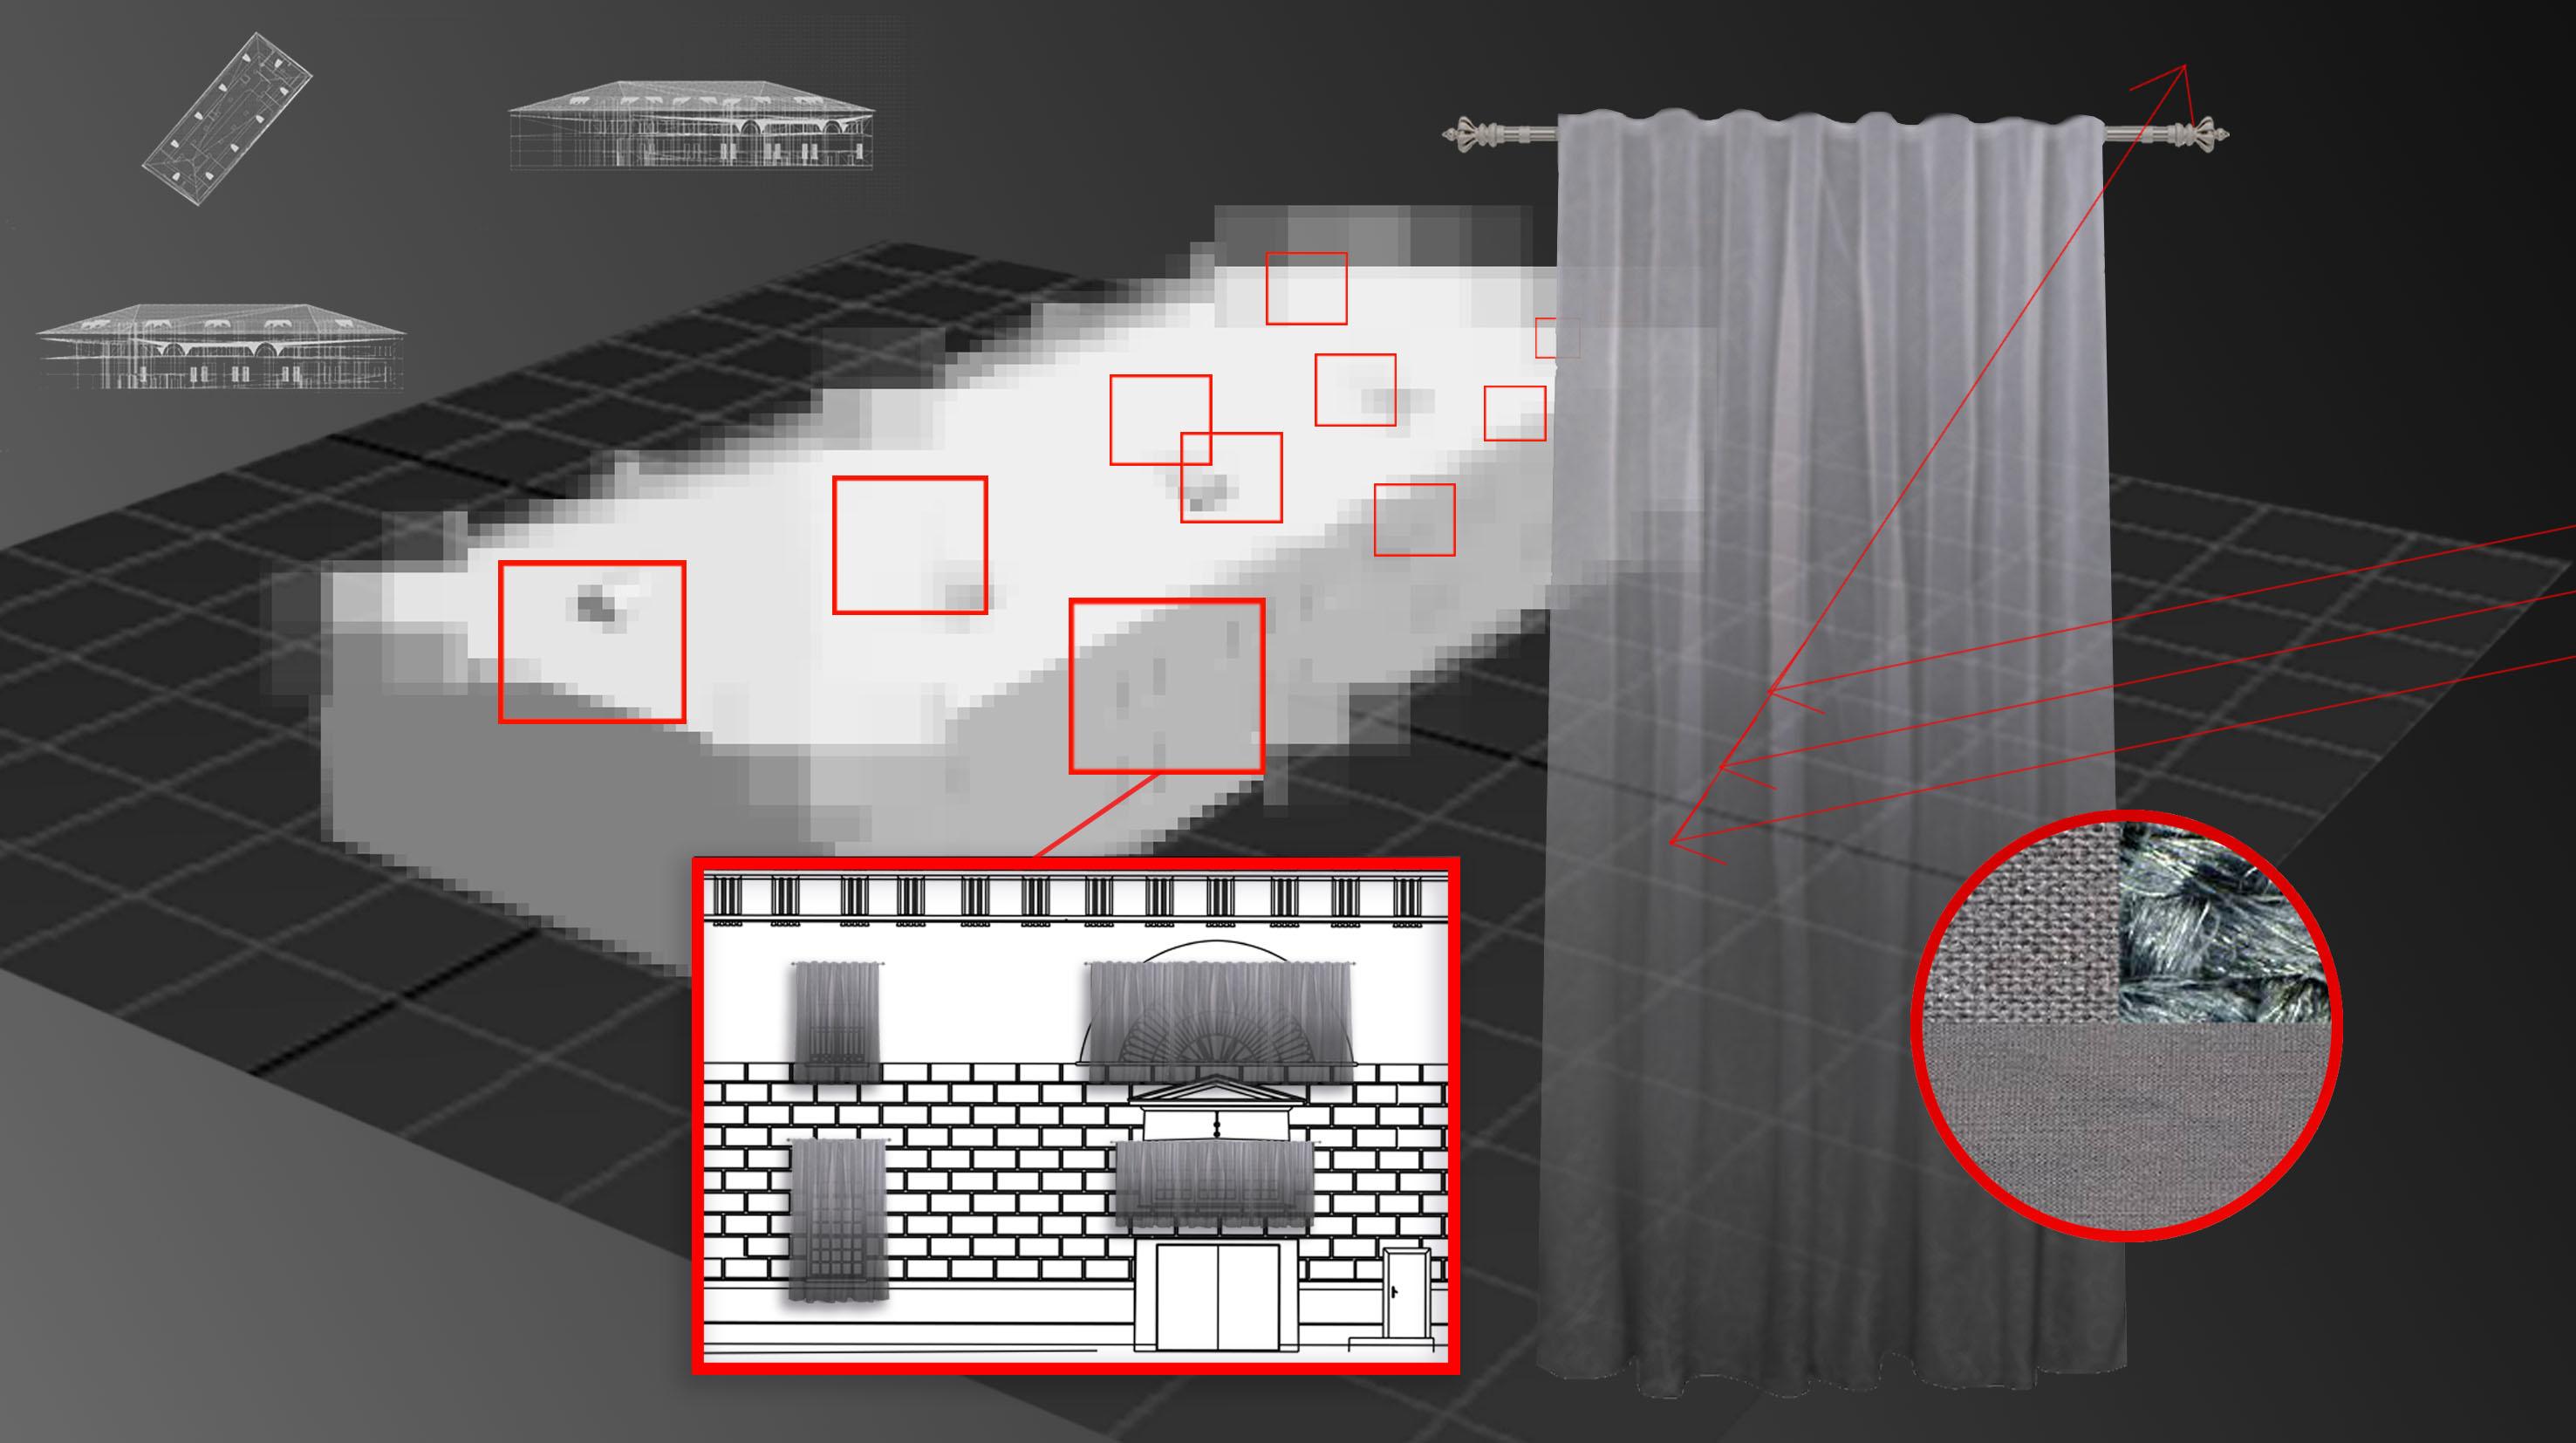 """""""Screen"""" — метафора того, как культурные институции проявляют свое стремление к автономии и того, как в современном мире происходят ограничения для доступа к информации. На окнах Музея Москвы художник задёрнул шторы из экранирующей ткани — материала, разработанного для снижения заметности военной техники"""